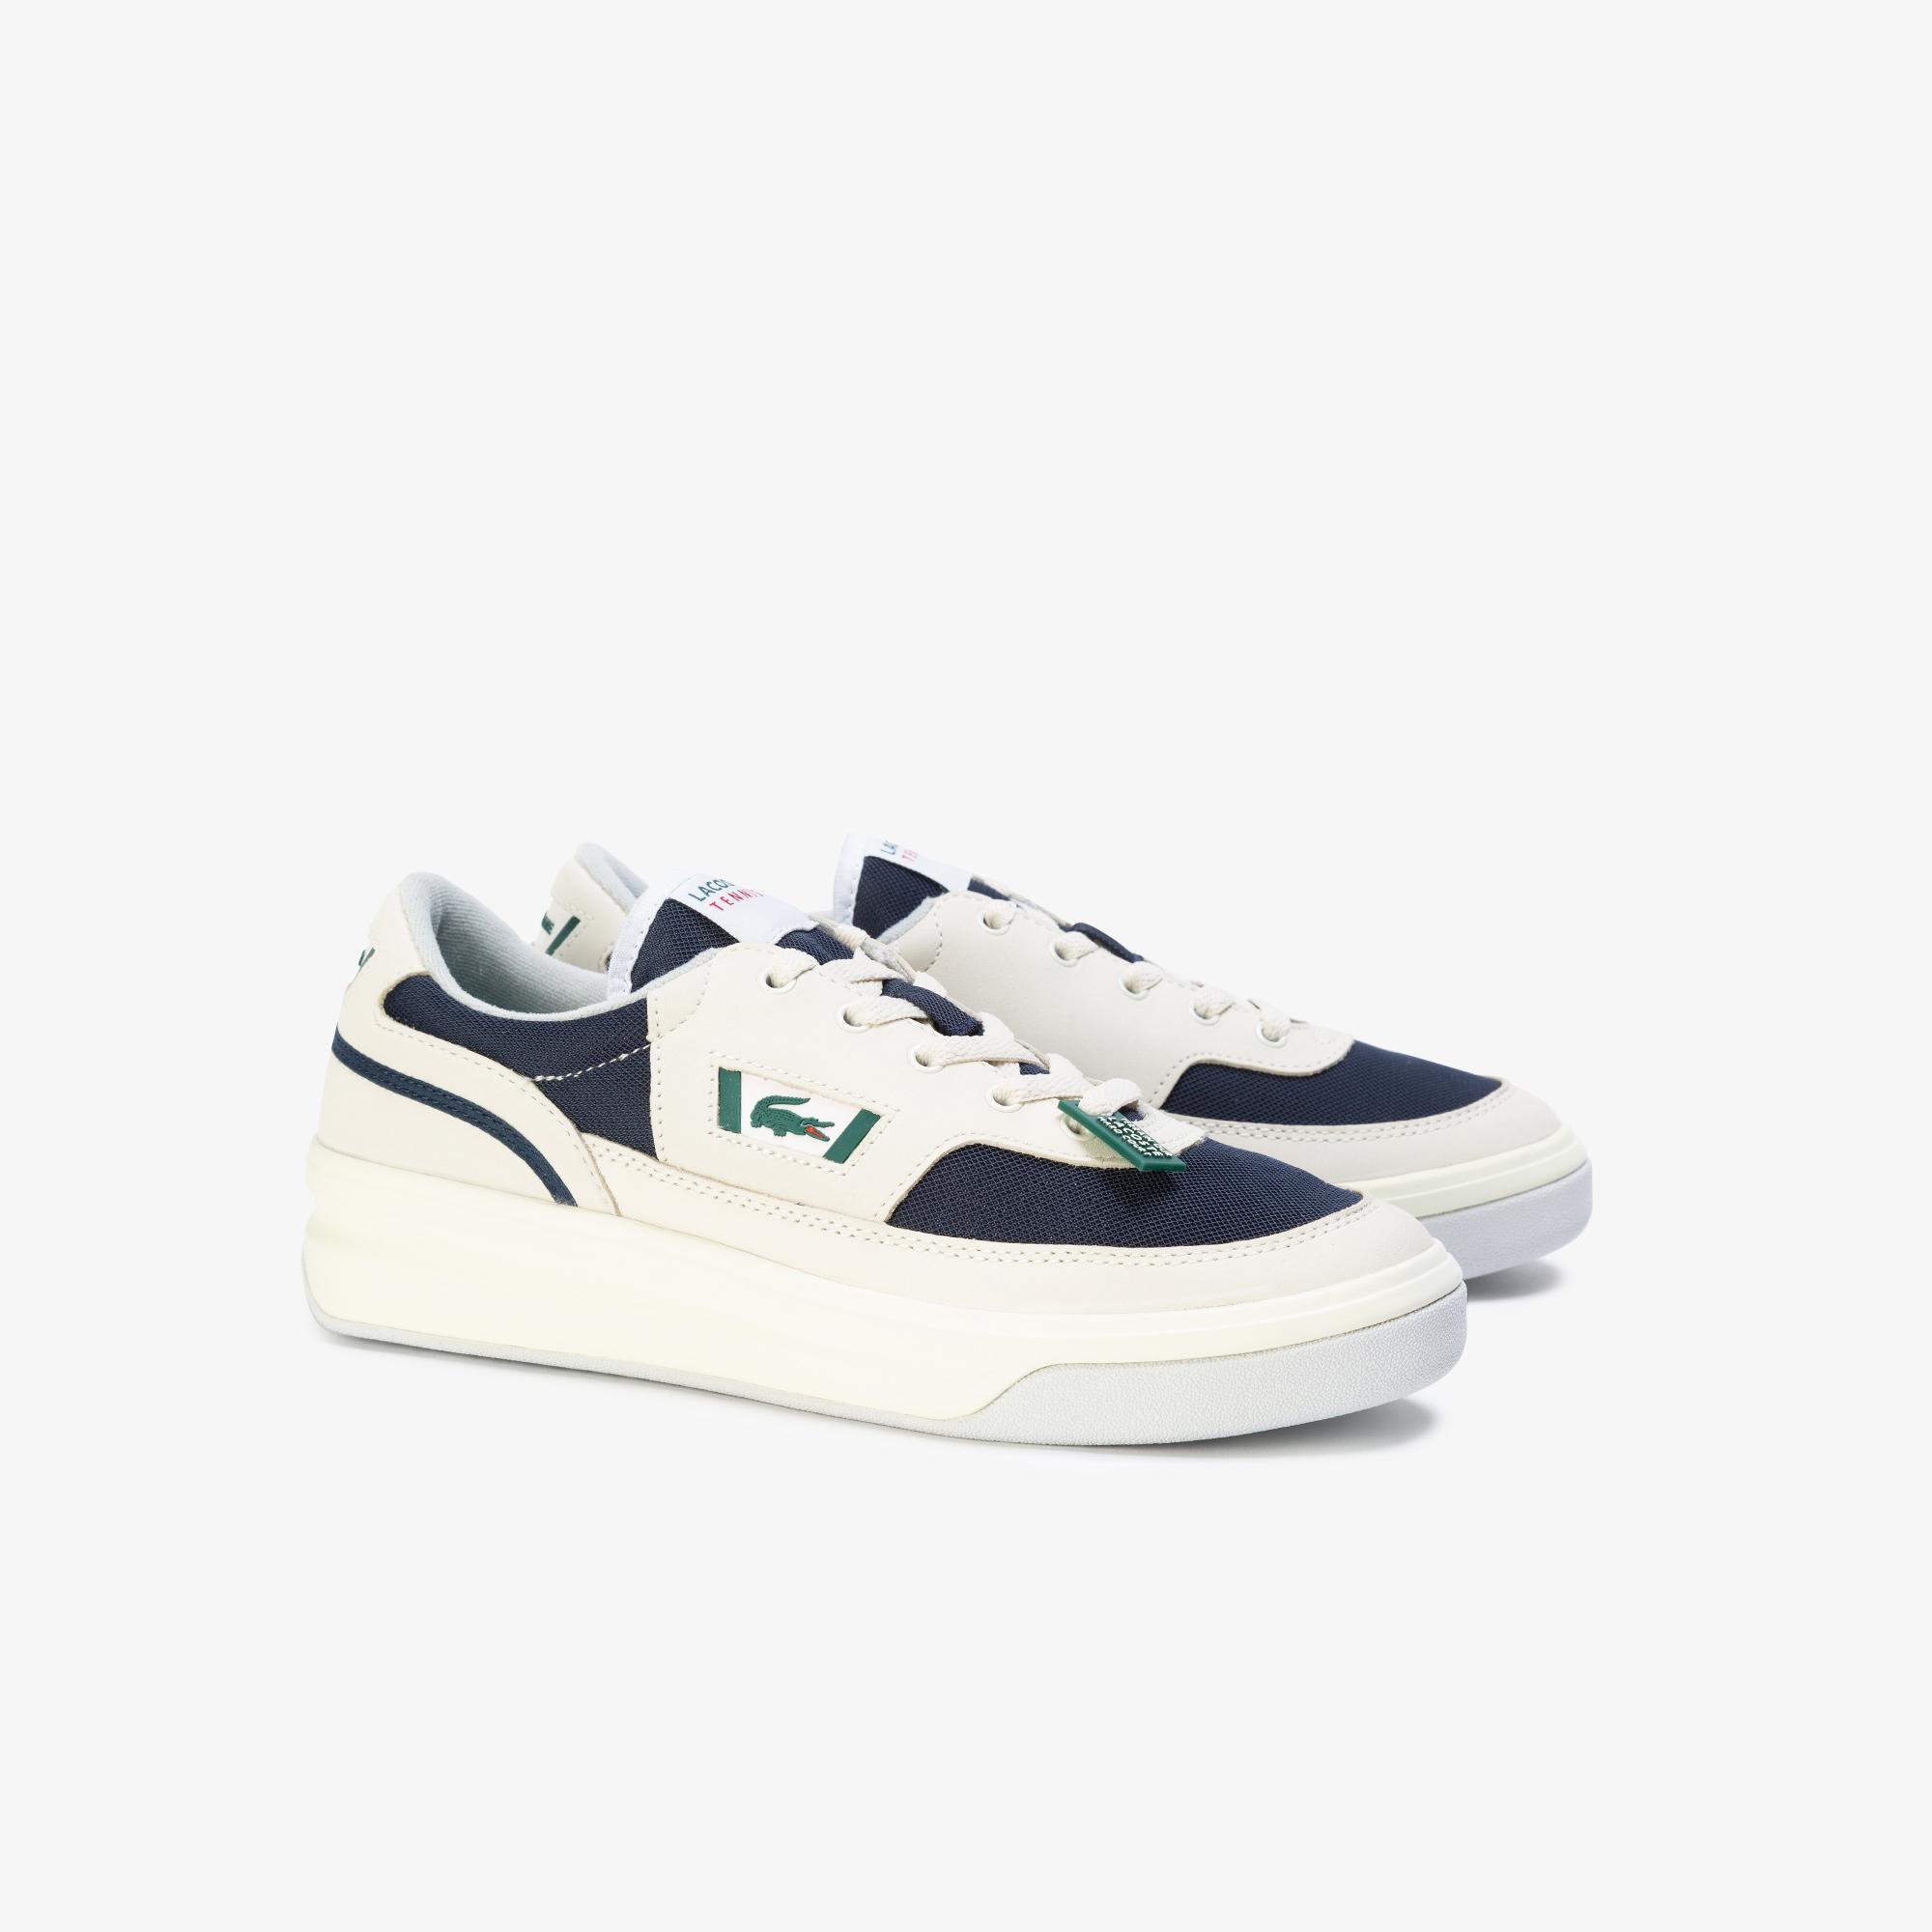 Lacoste G80 Og 120 1 Sma Erkek Beyaz - Koyu Mavi Deri Sneaker